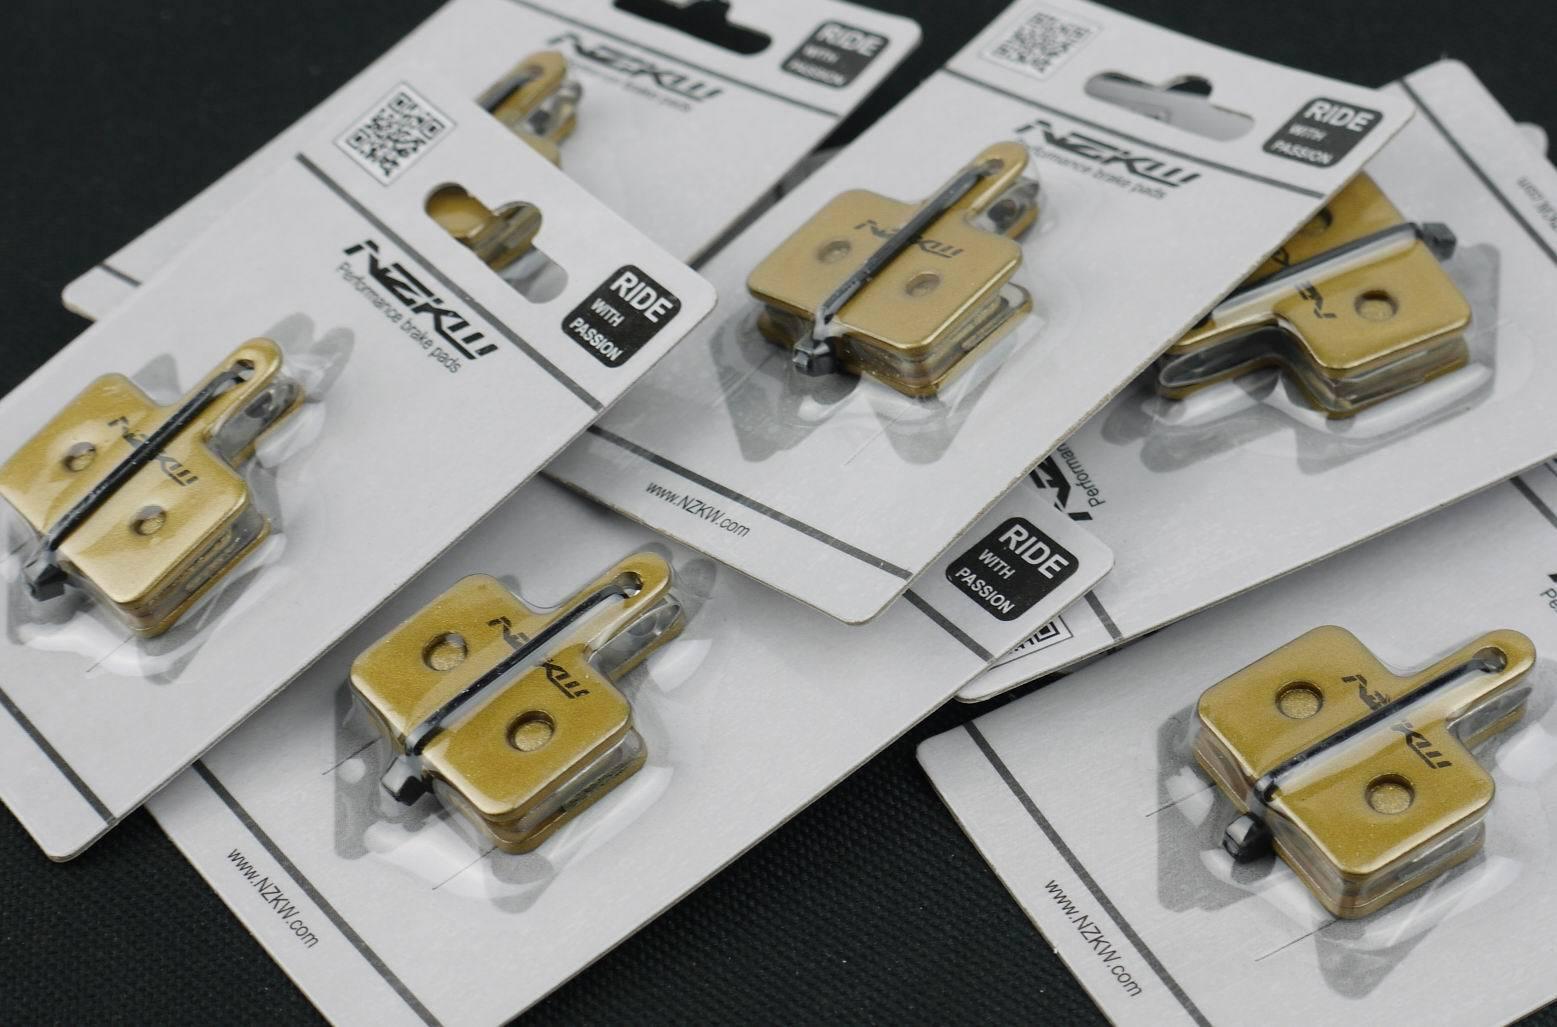 SINTERED DISC PADS SUIT SHIMANO DEORE M515 M525 M486 M485 M495 TEKTRO 10 PAIRS